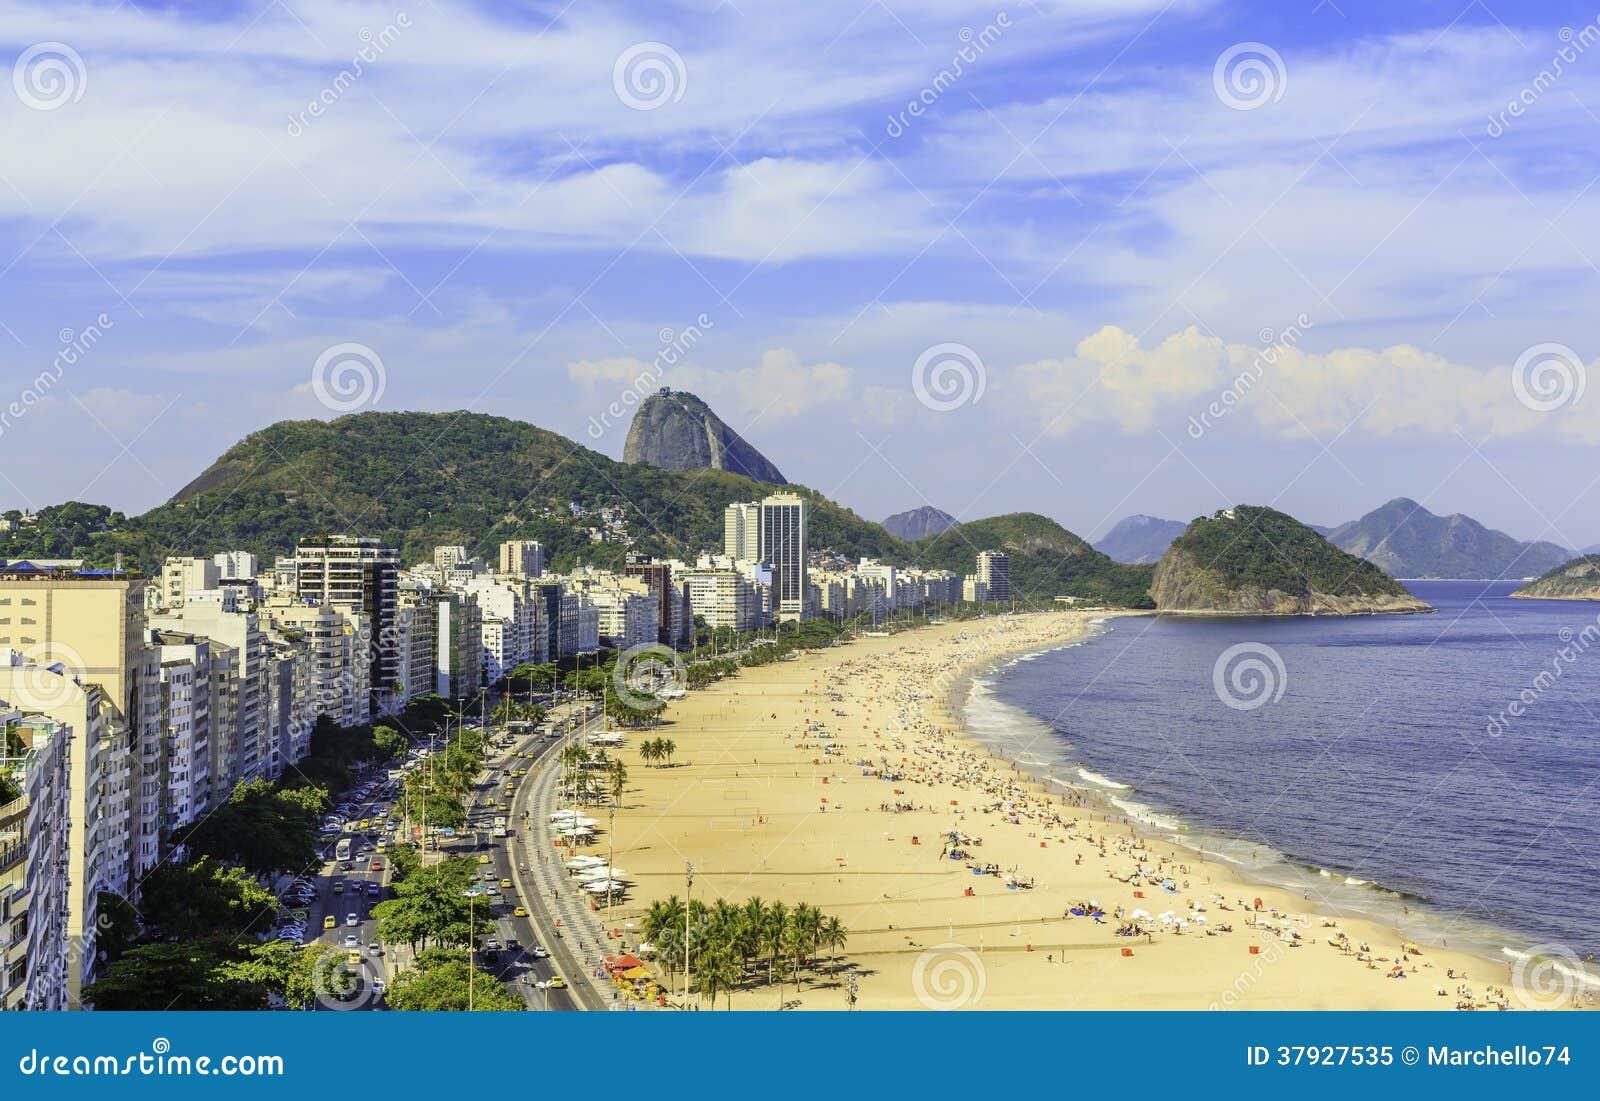 Пляж Copacabana в Рио-де-Жанейро